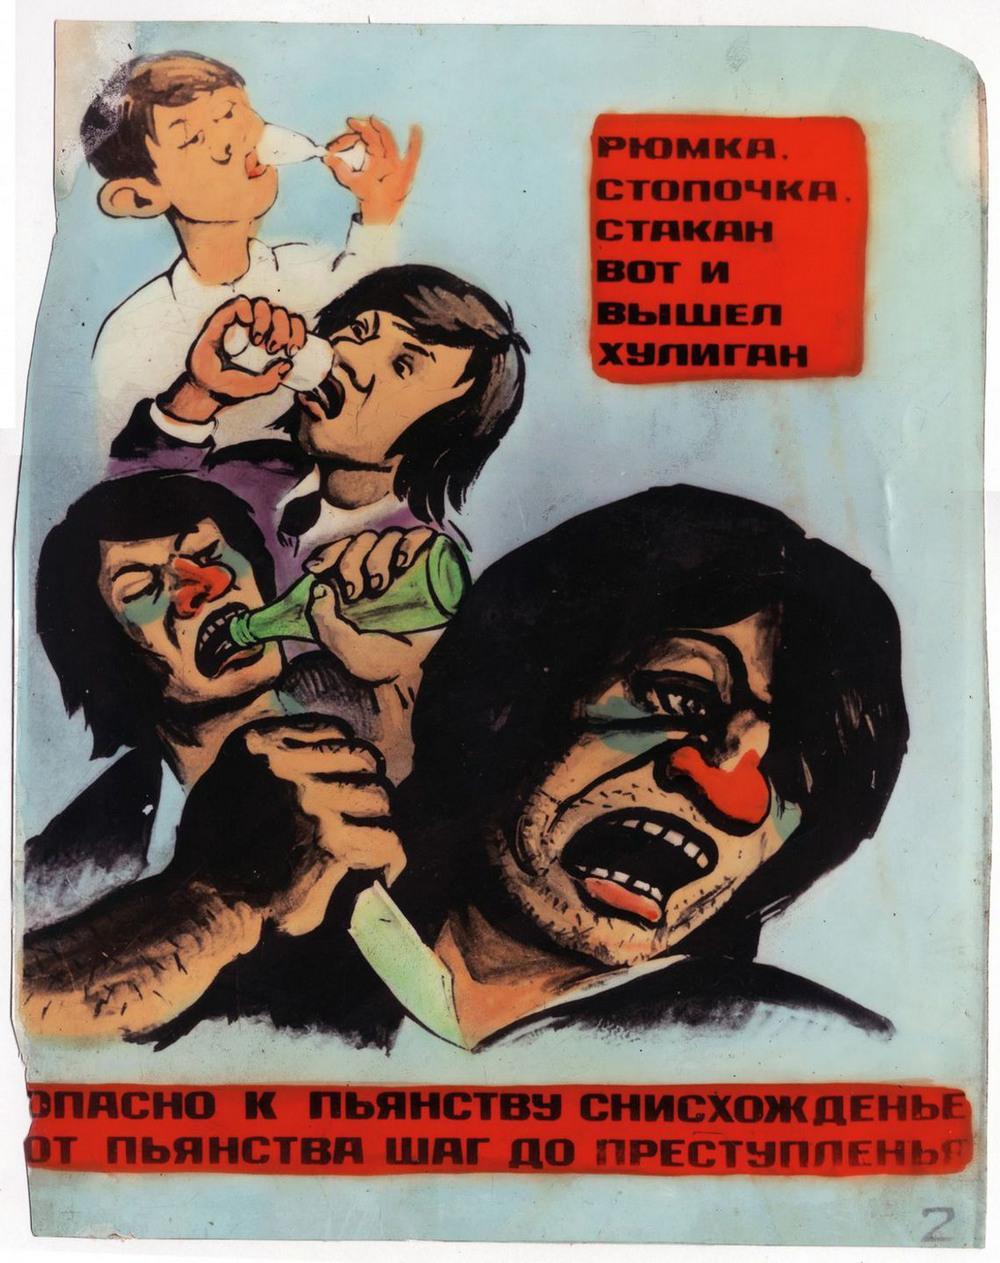 Пьянству бой: антиалкогольные советские плакаты  1